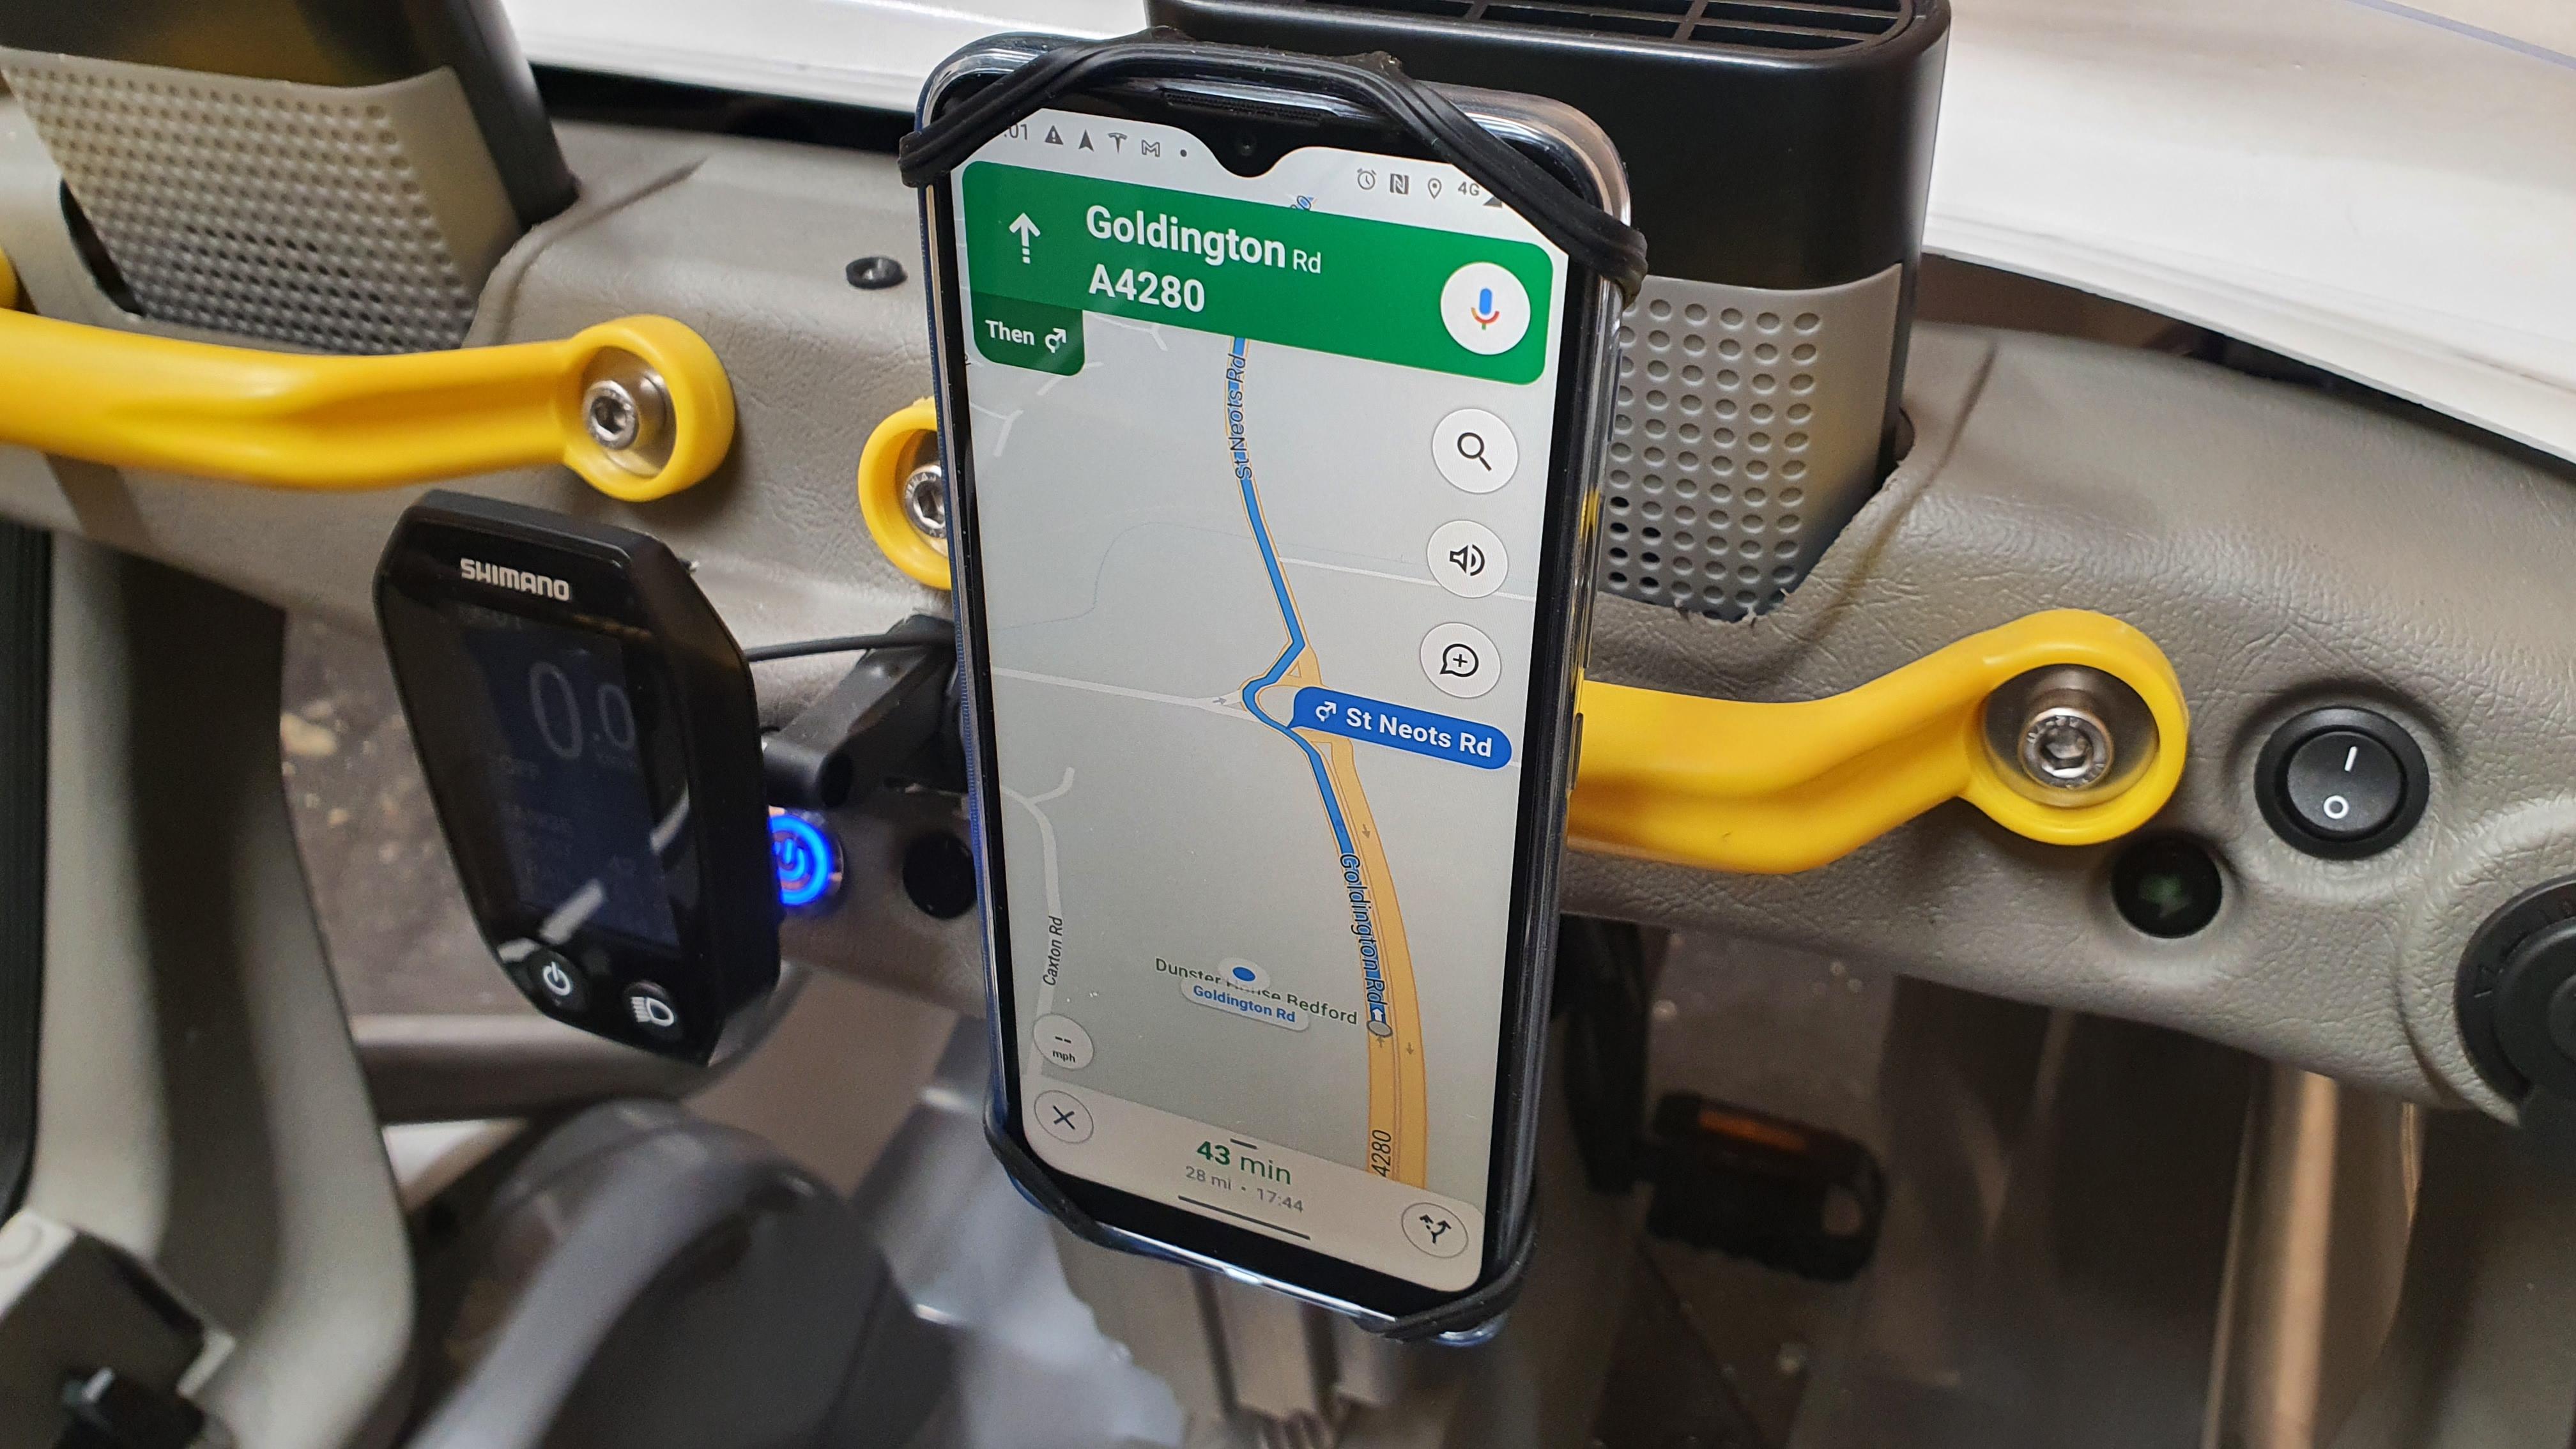 Phone Mount on Yellow Handle